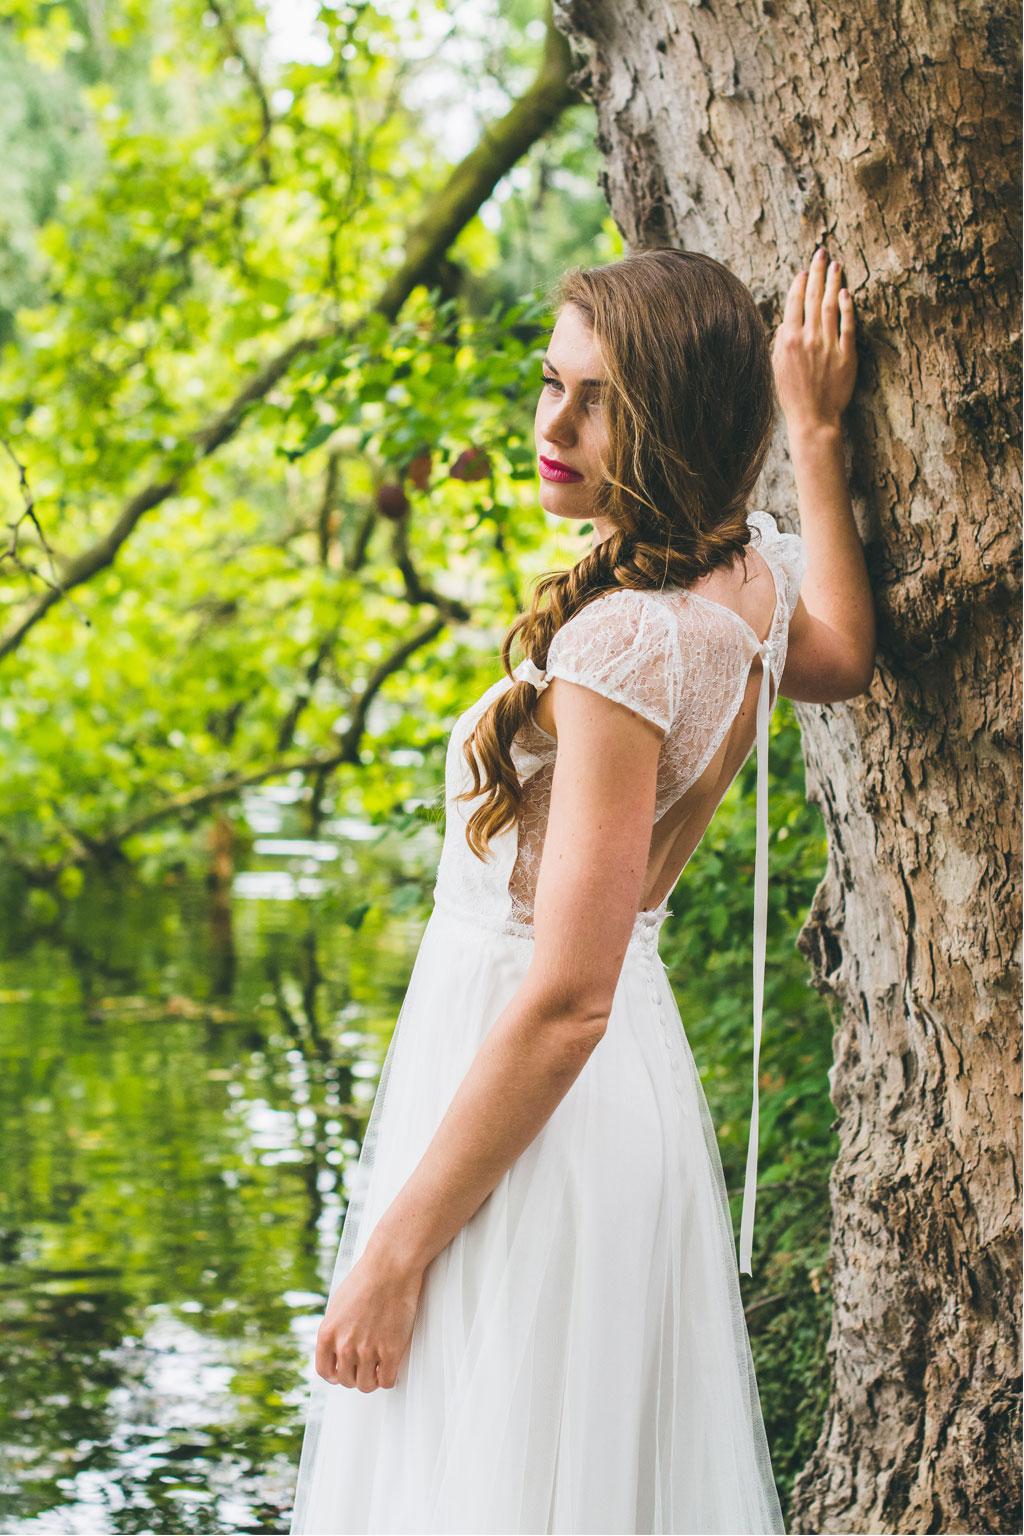 Adeline Bauwin a présenté sa collection 2016 de robes de mariée... romantiques à souhait